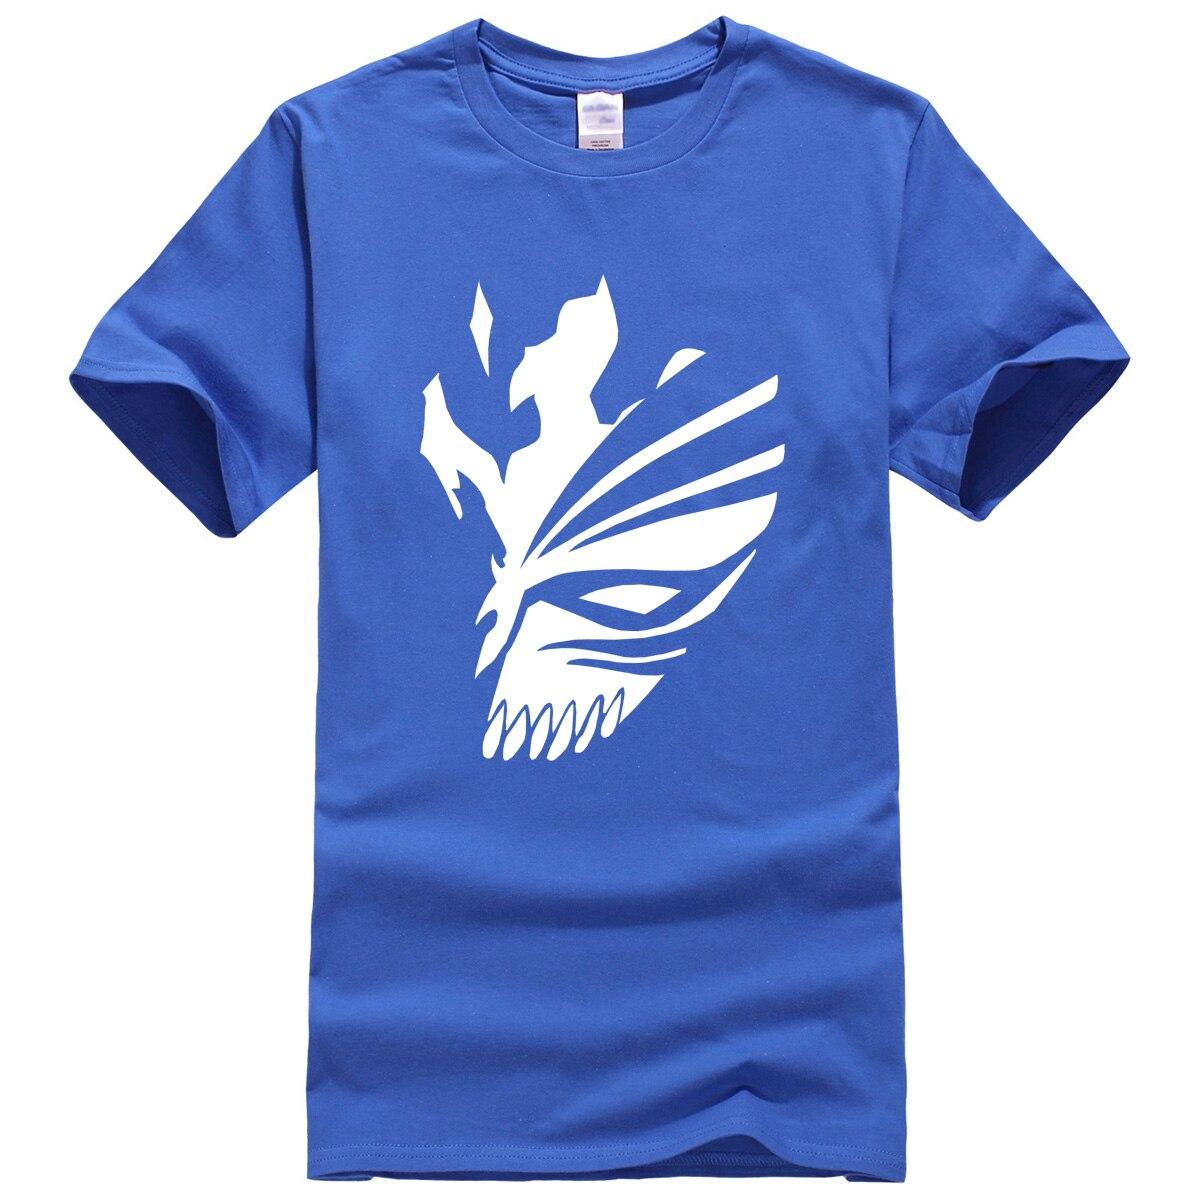 Blue Bleach T-Shirt Anime in White Print